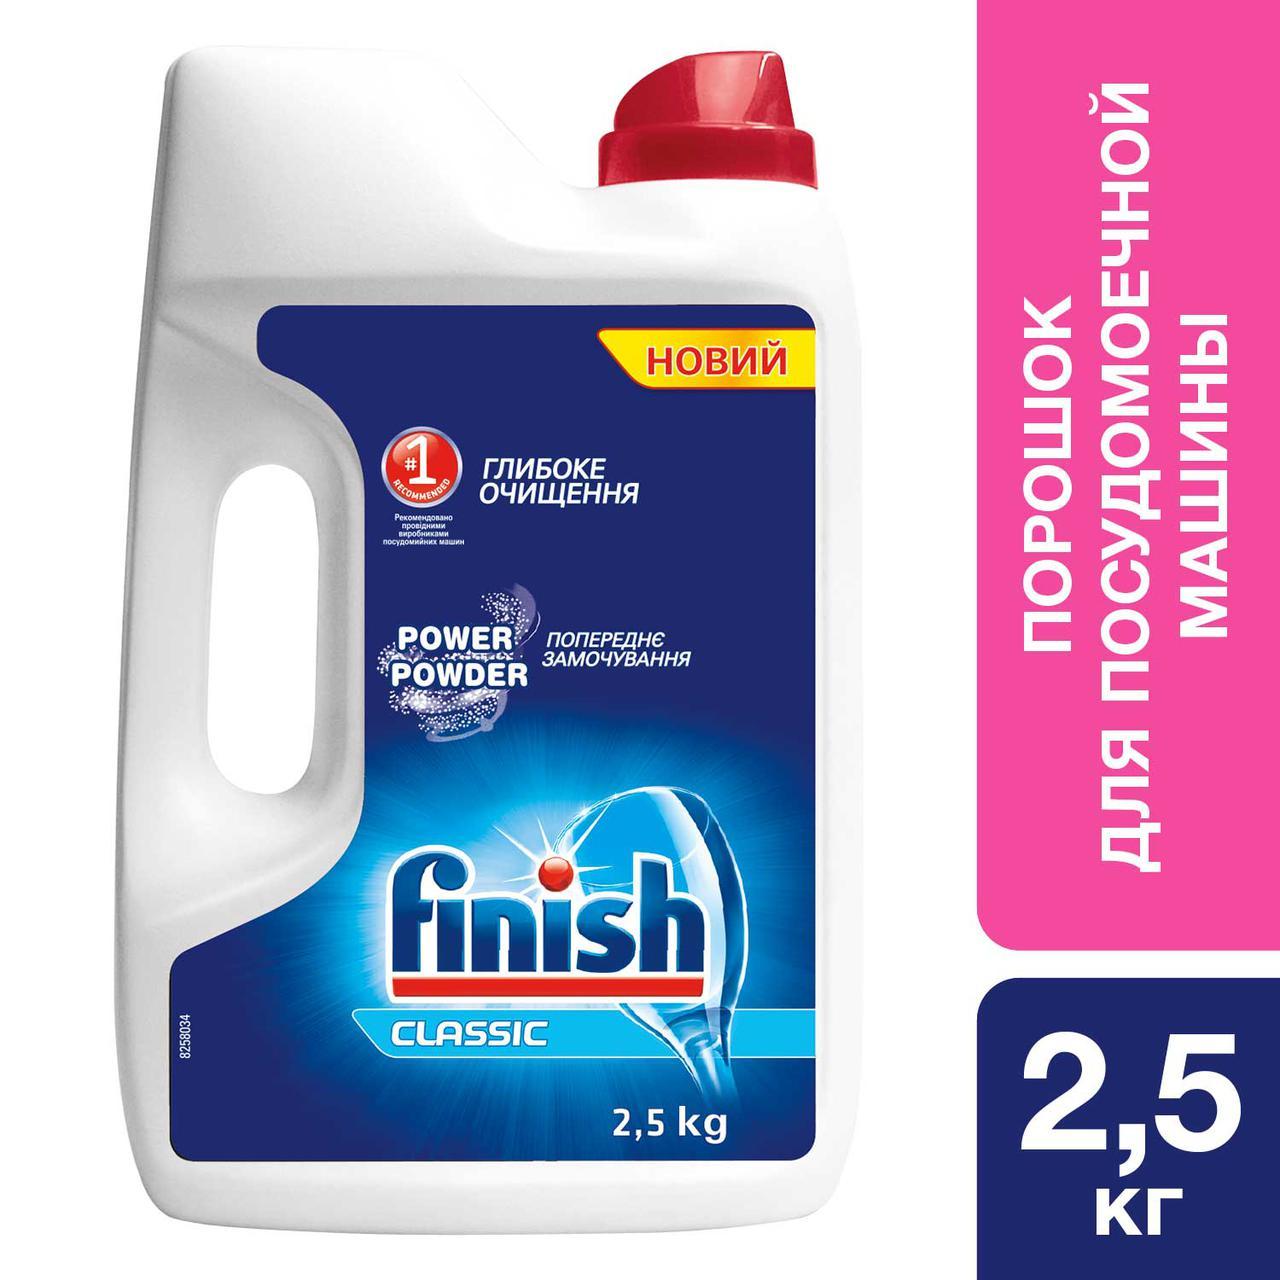 Порошок для миття посуду в посудомийних машинах FINISH 2,5 кг